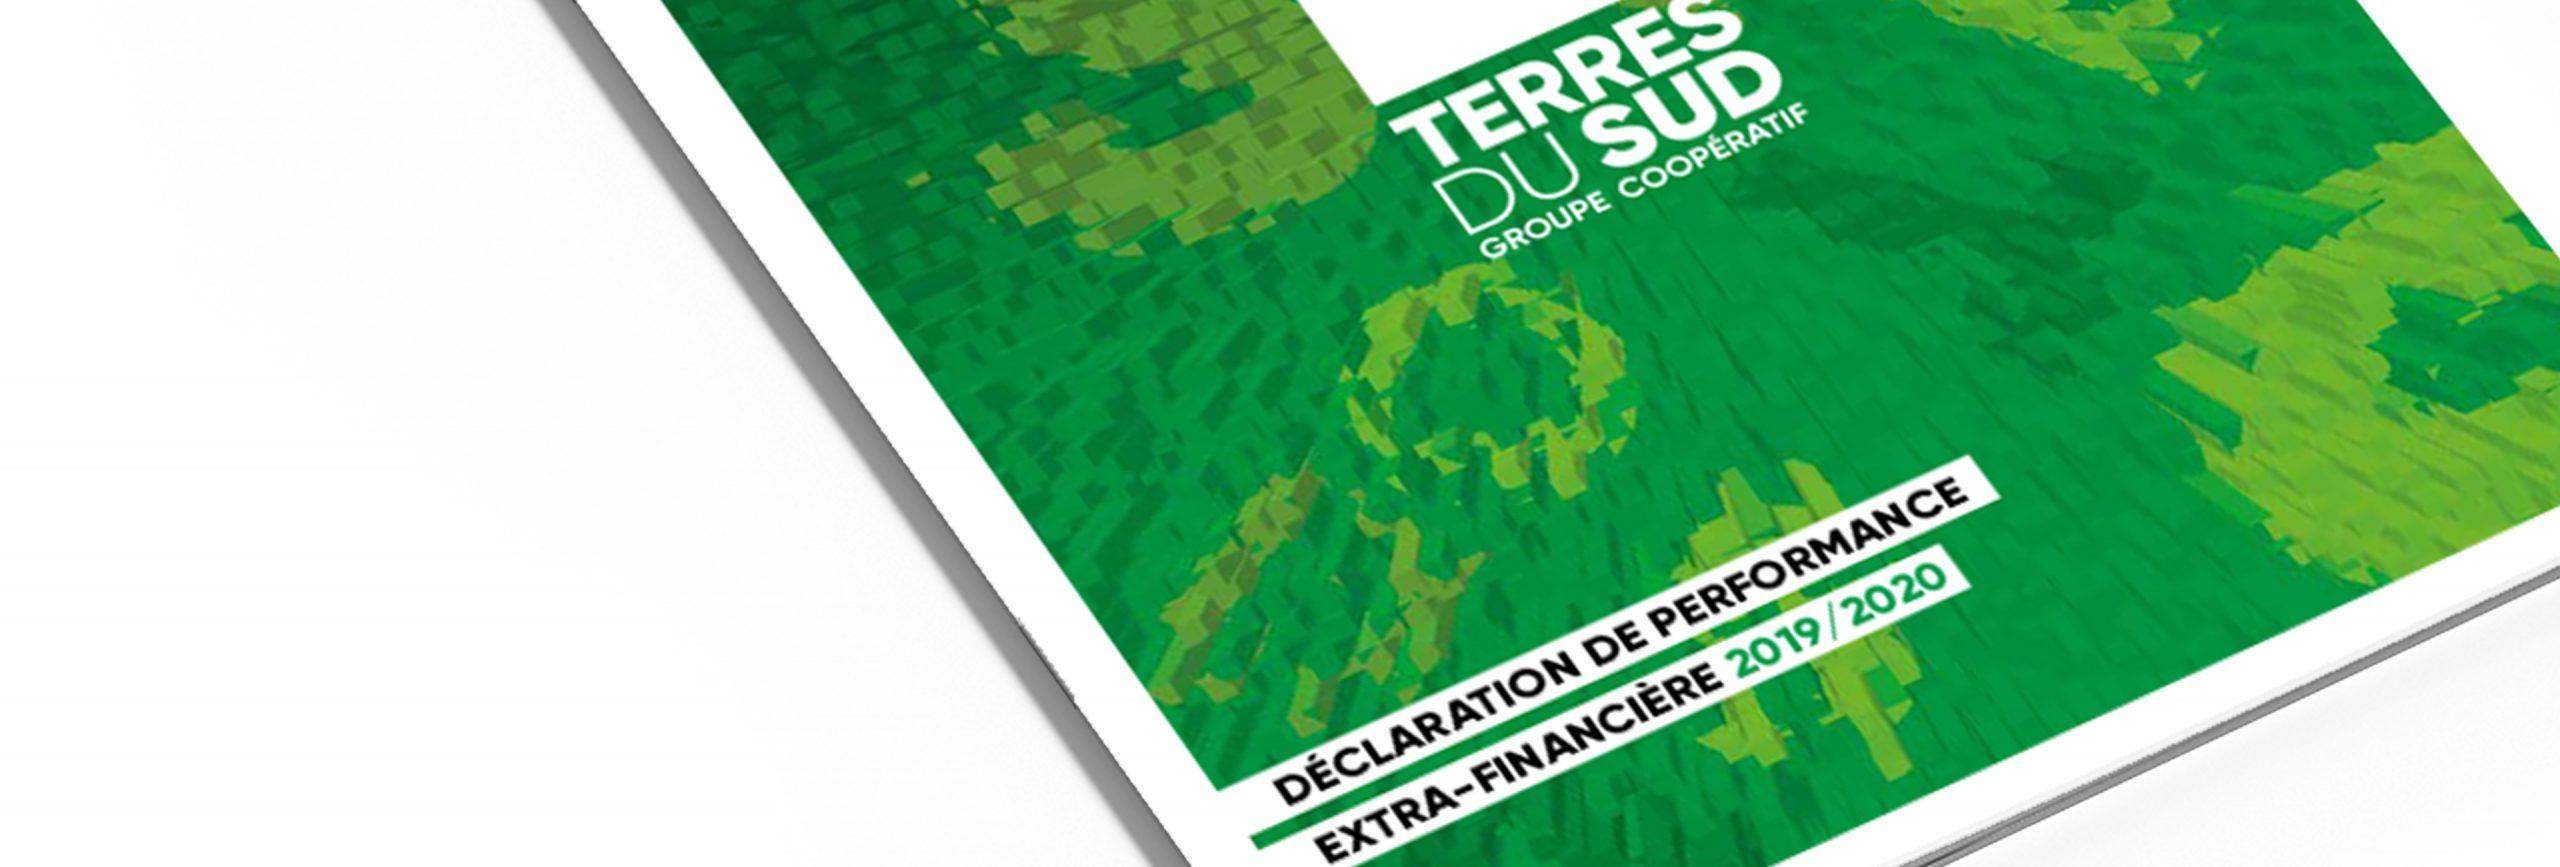 DPEF 2019 2020 Groupe Terres du Sud